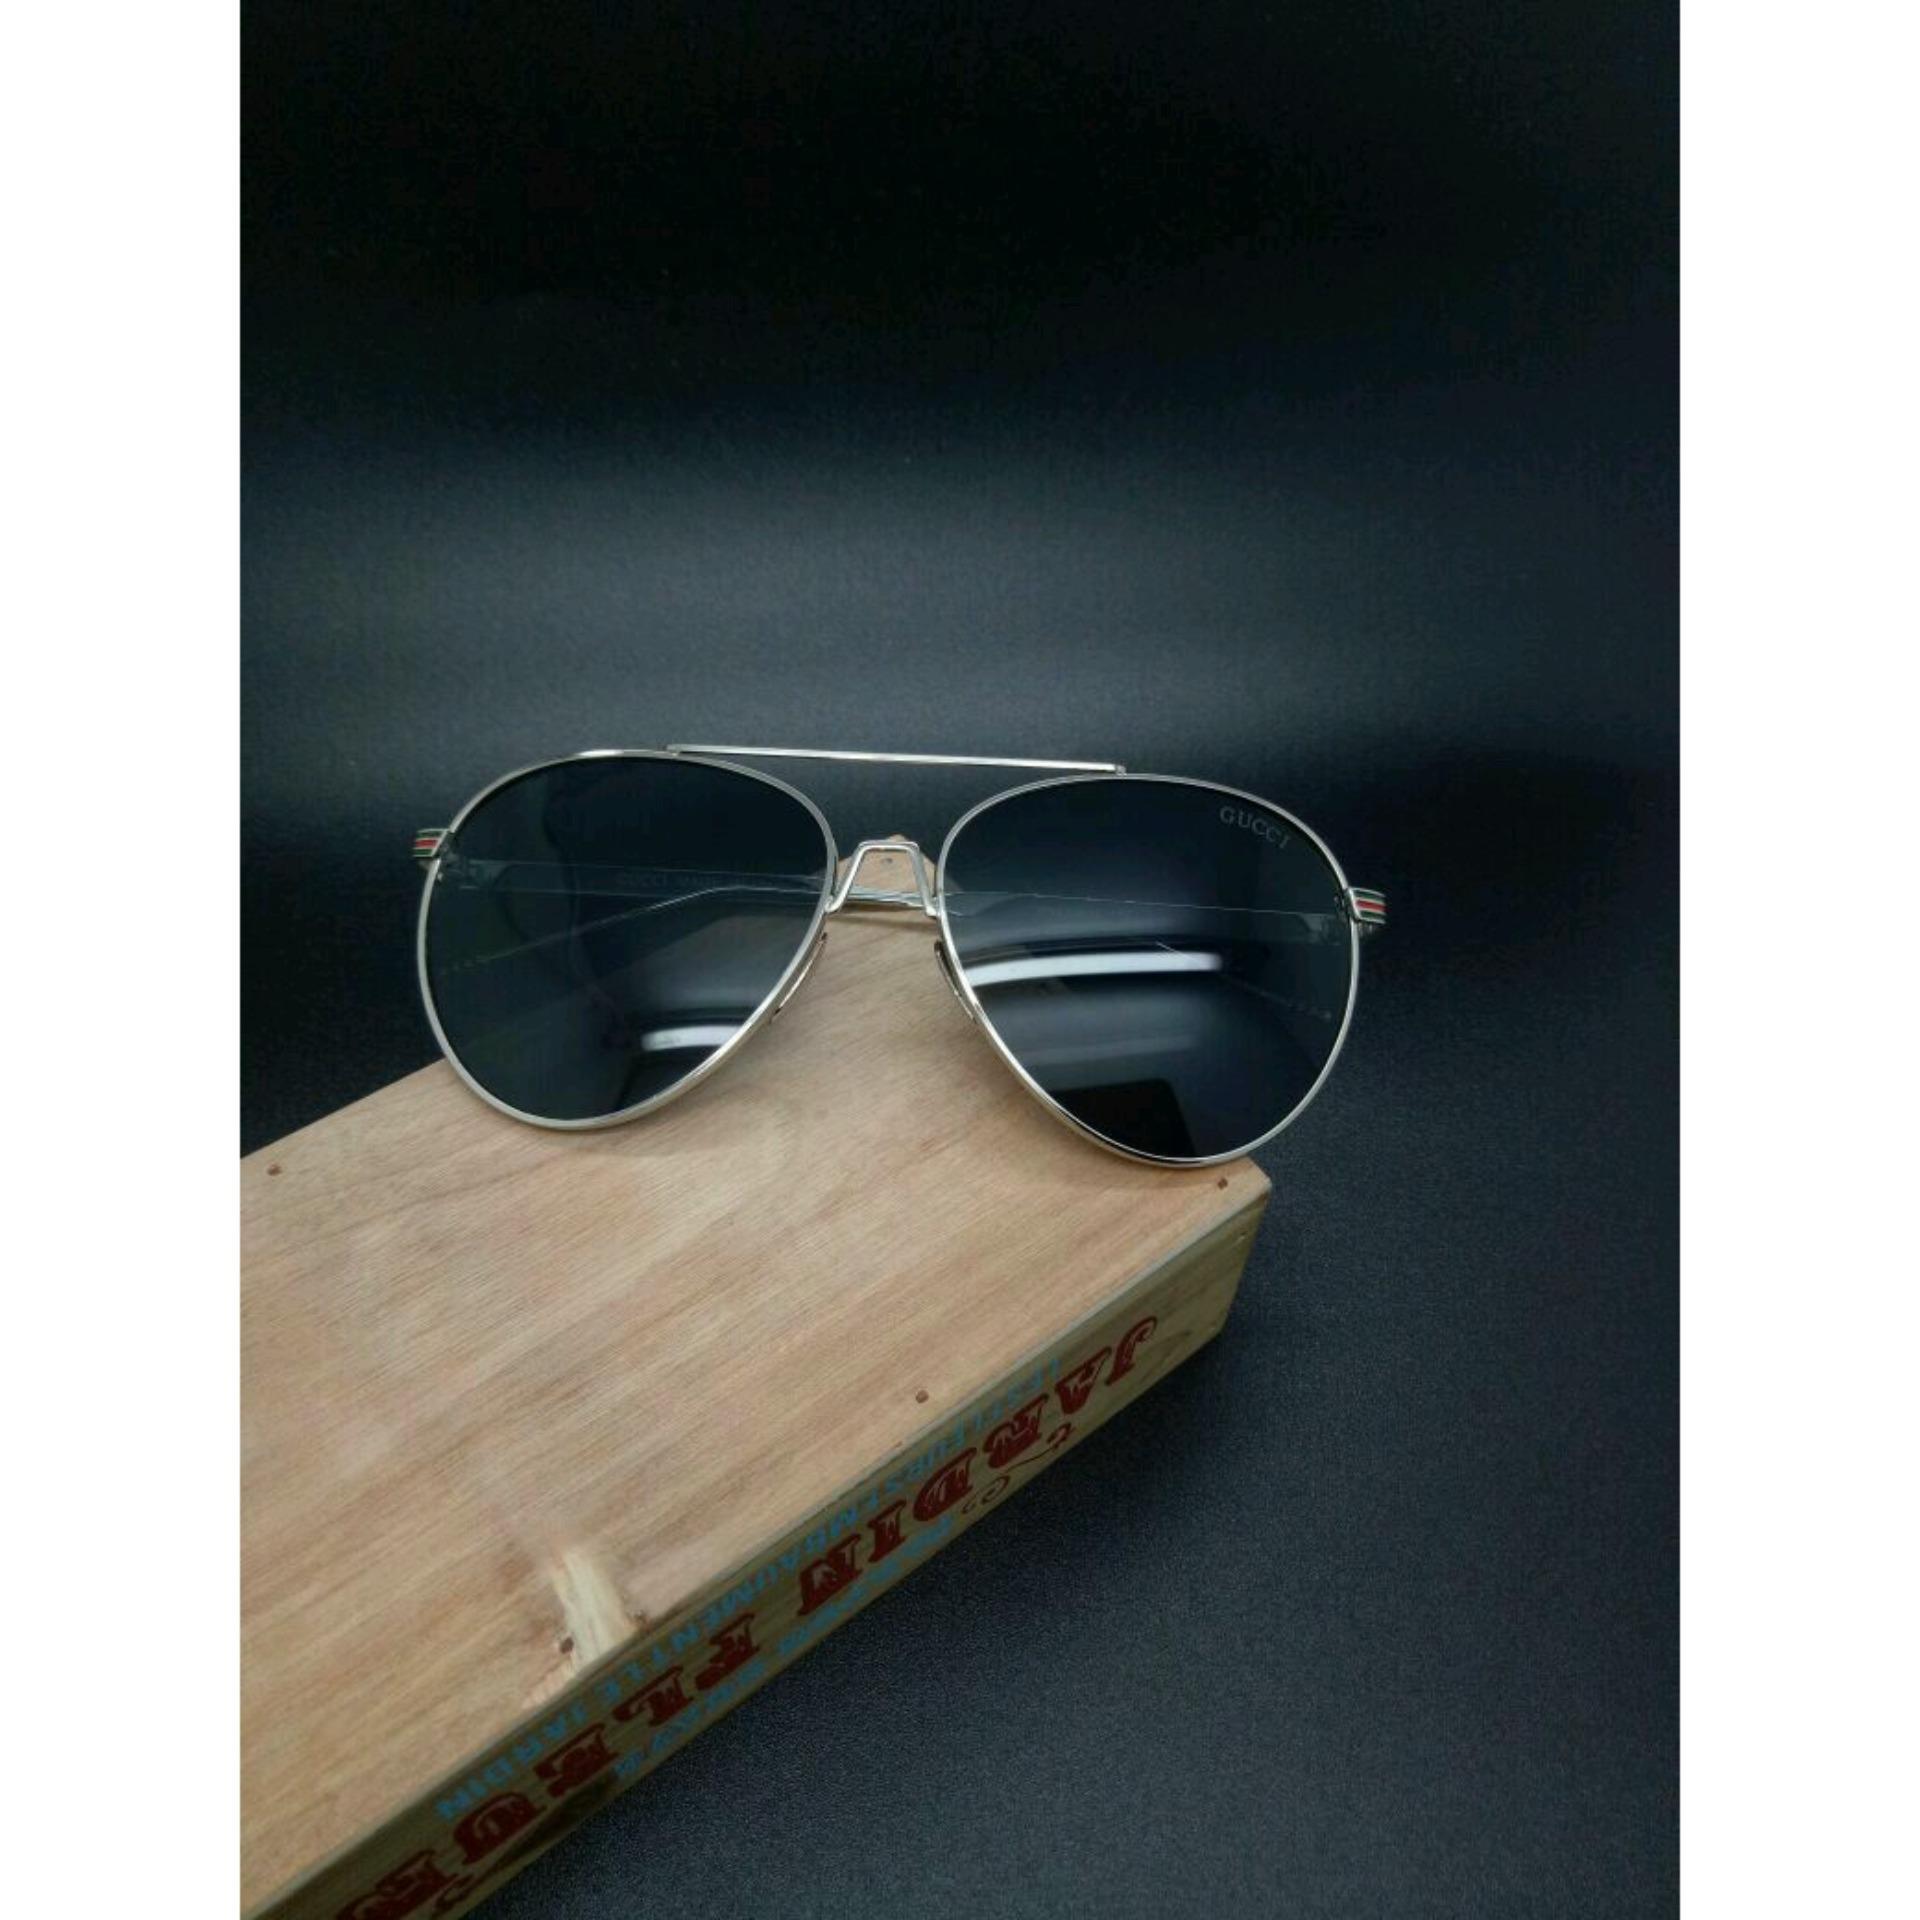 Kaca Mata Pria/wanita Import GI897S